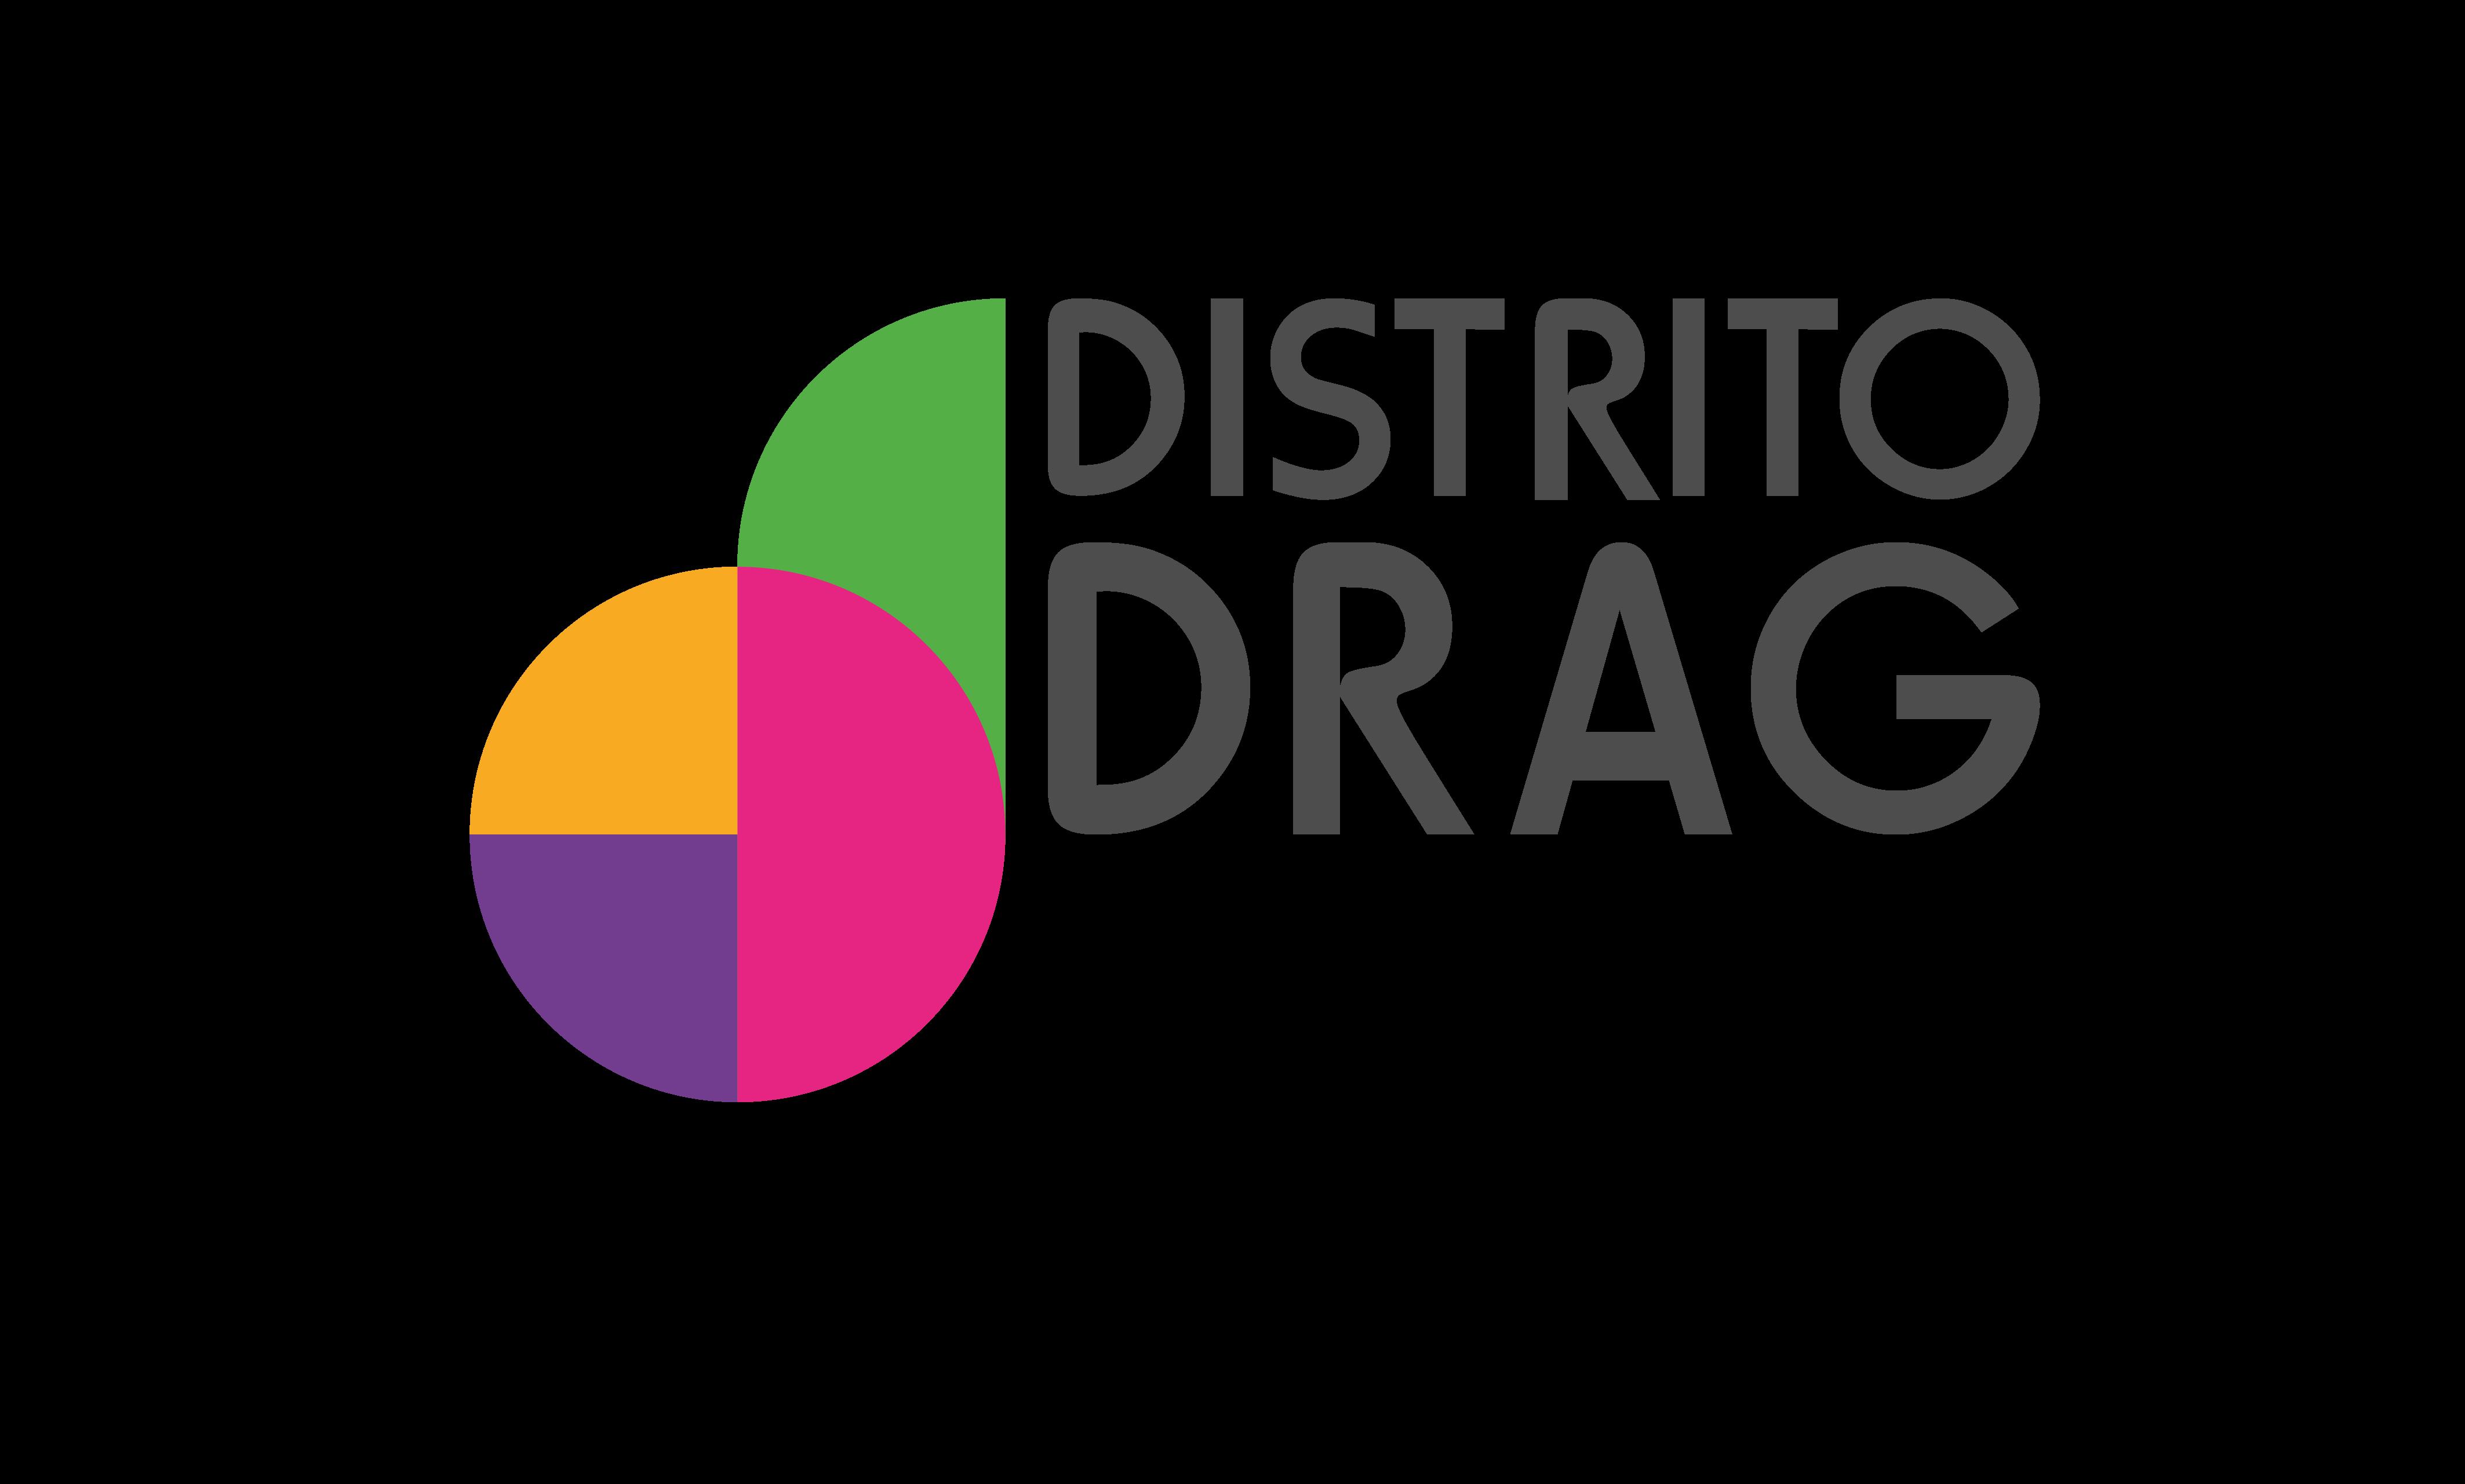 Distrito Drag